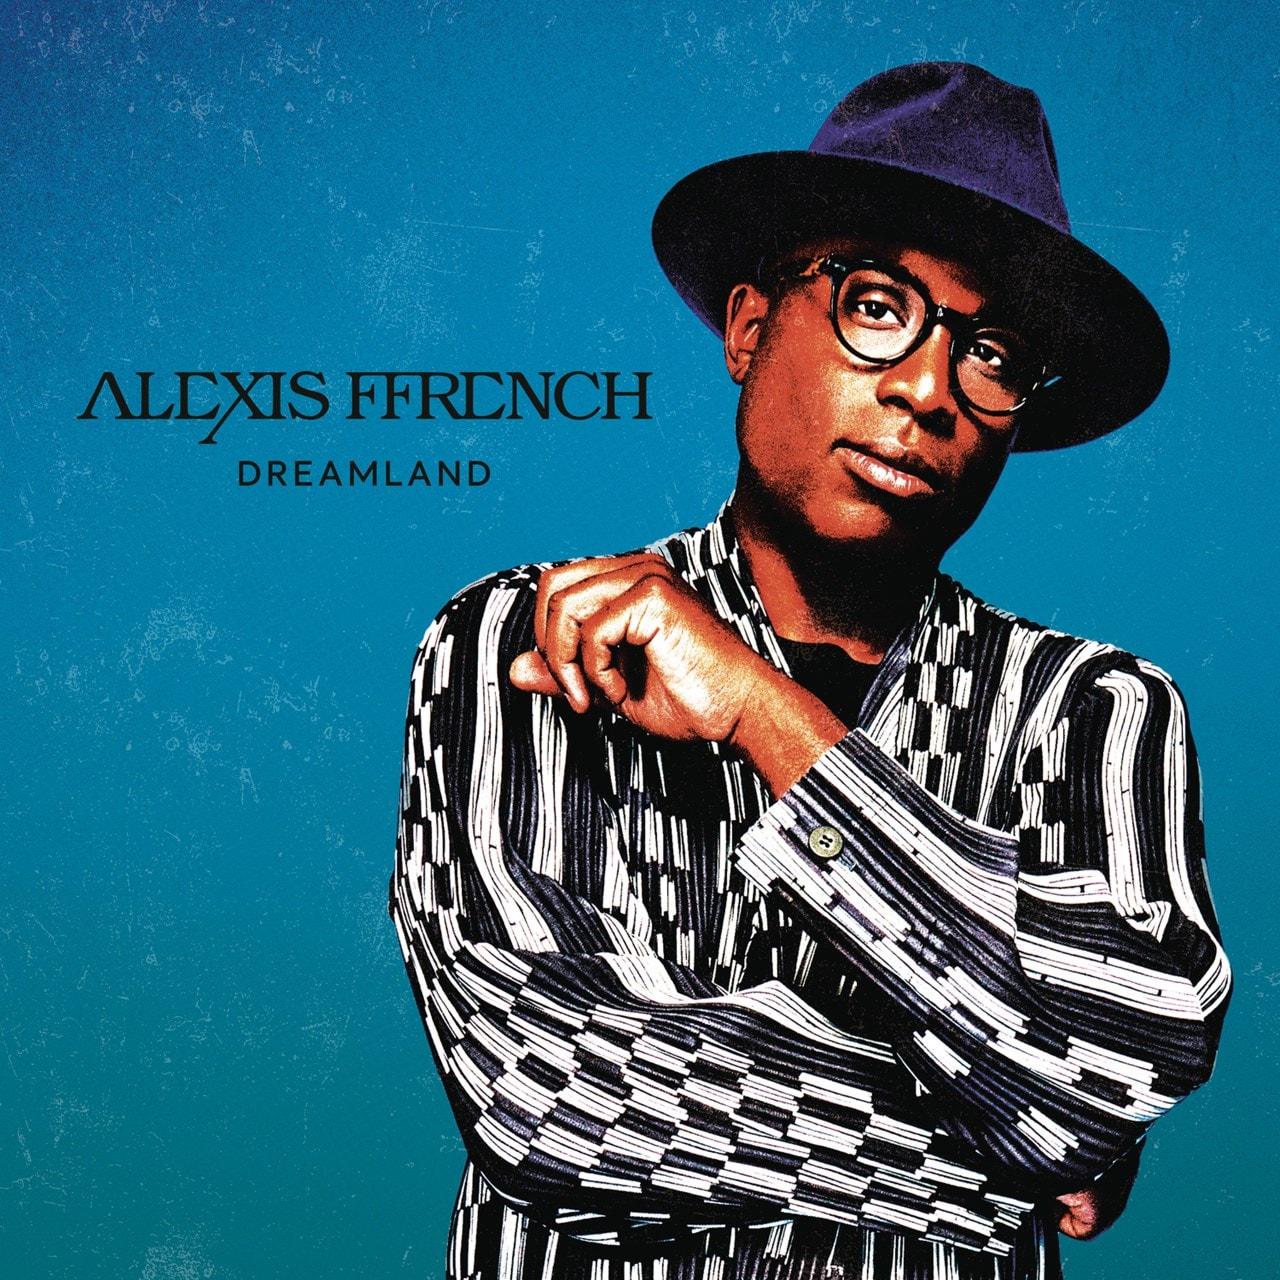 Alexis Ffrench: Dreamland - 1